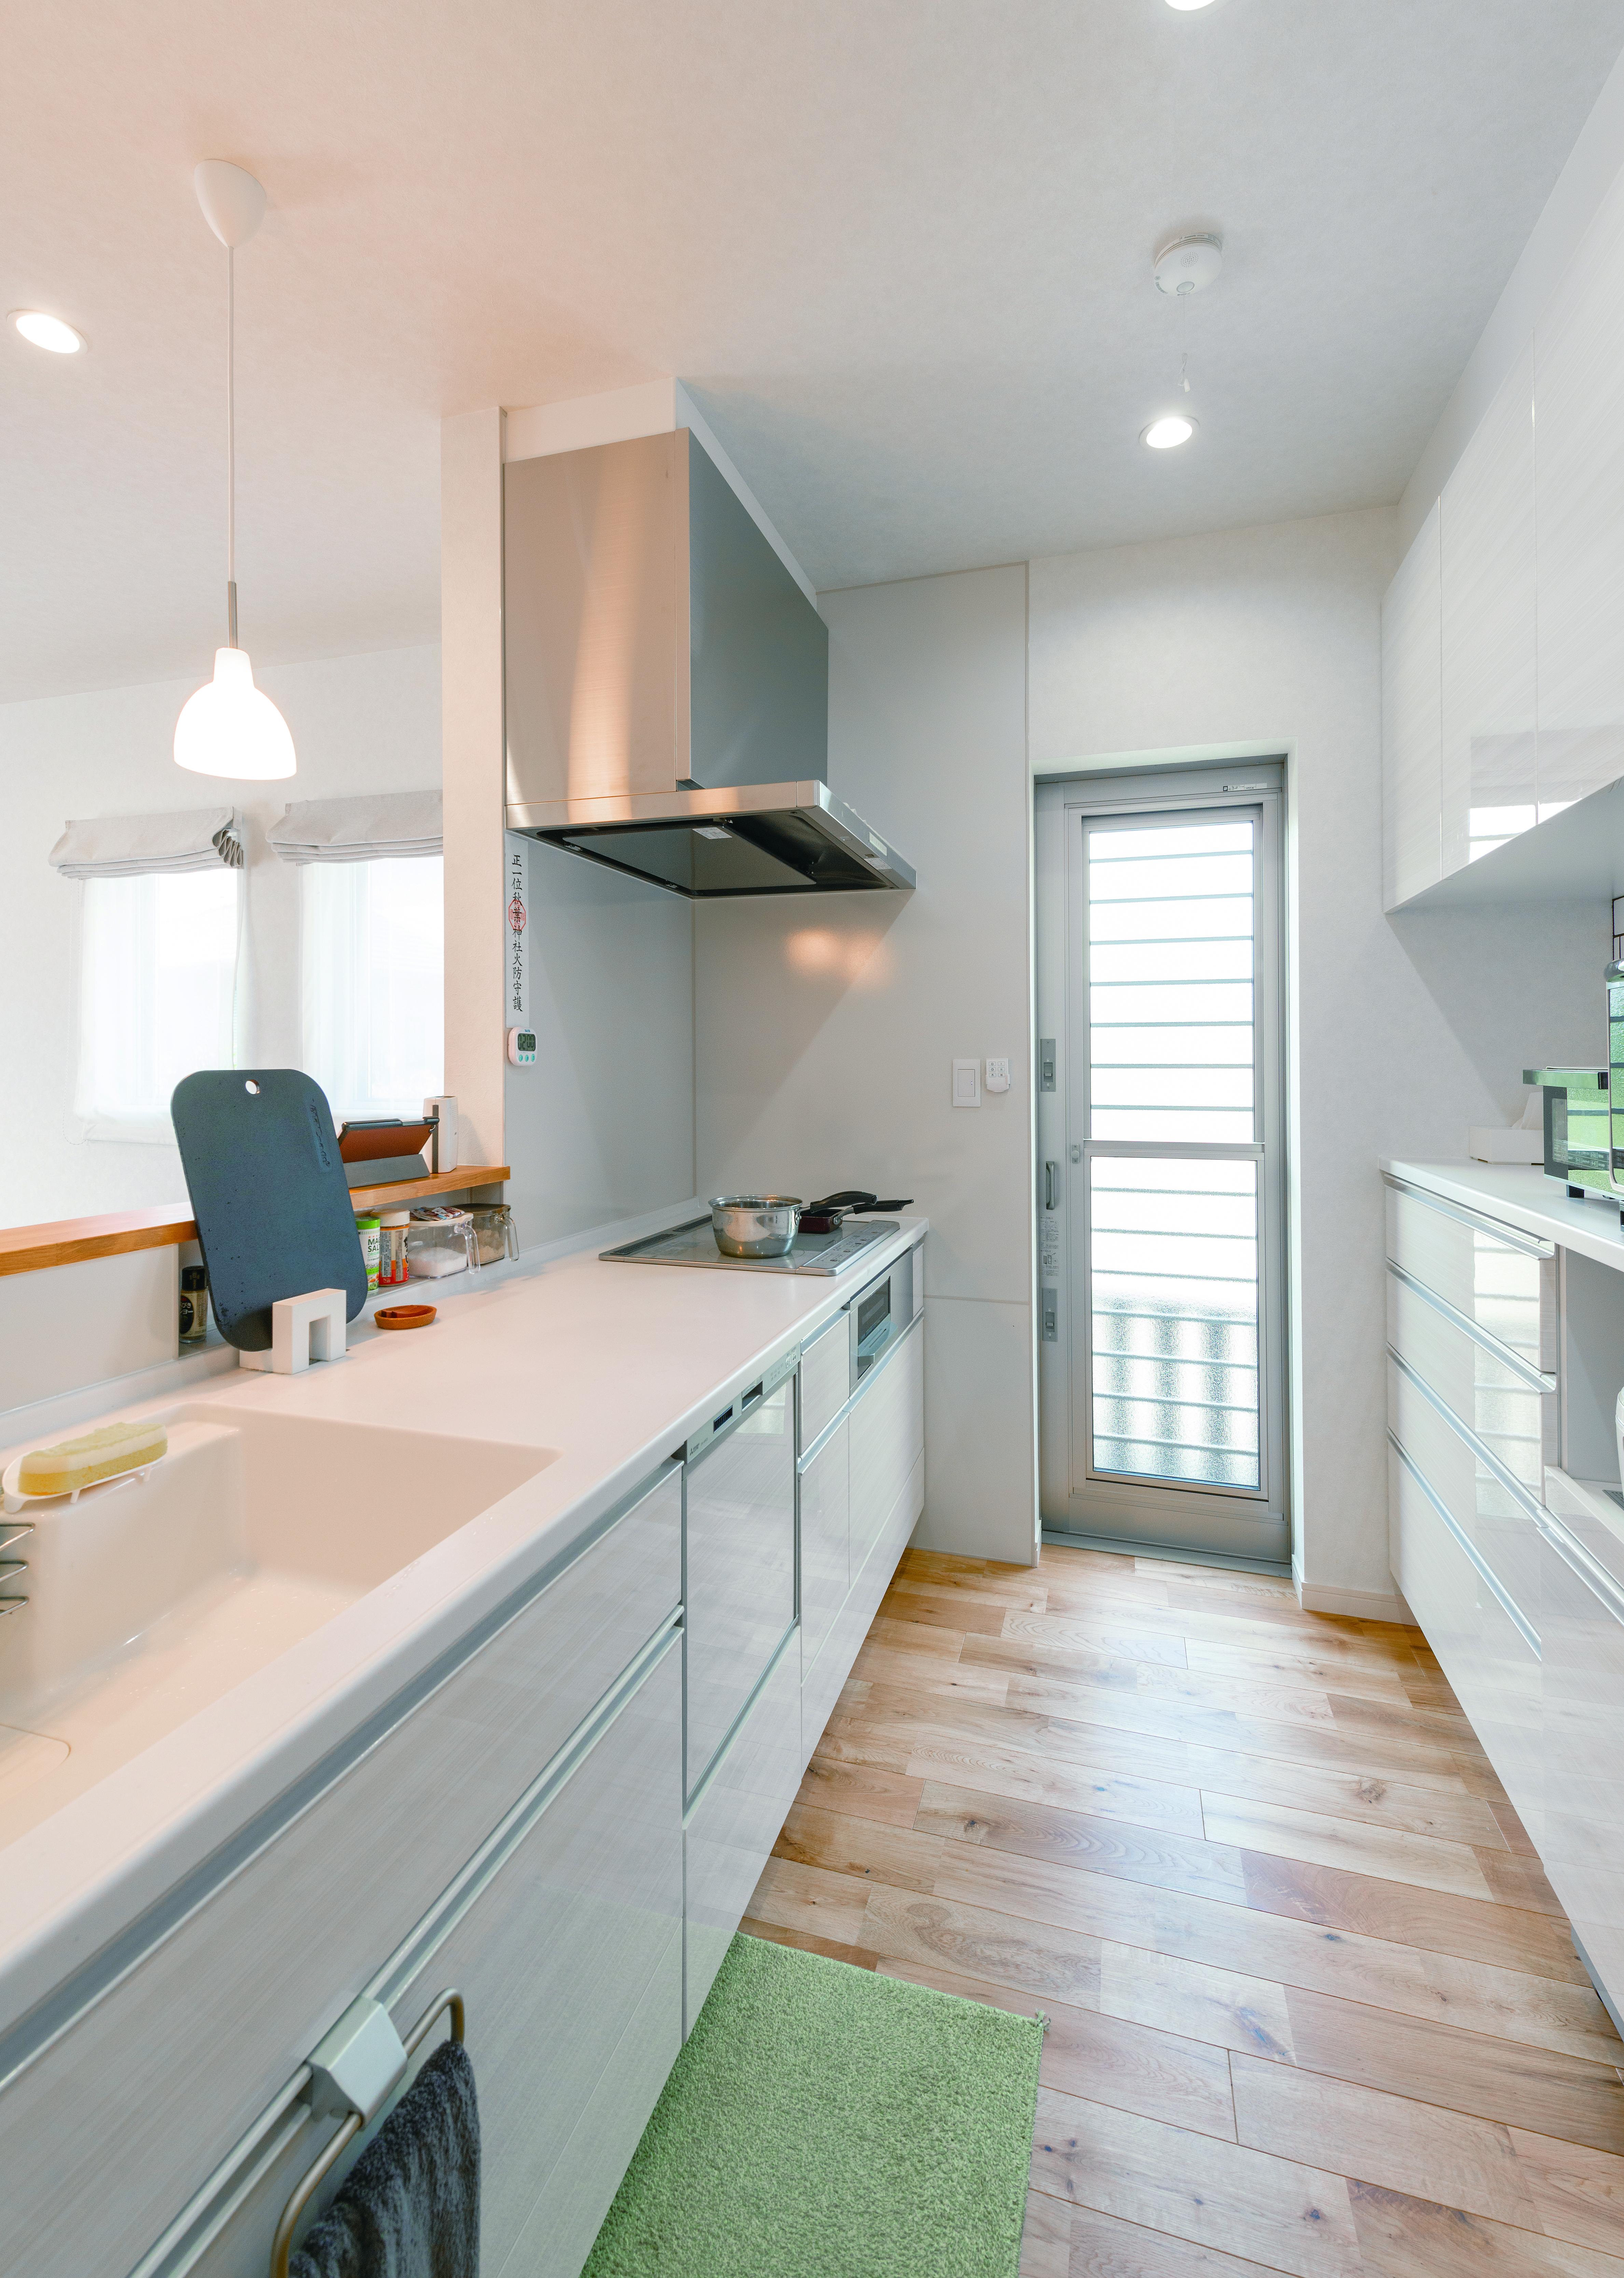 タツミハウジング【デザイン住宅、子育て、間取り】壁に合わせてキッチンも白で統一したのも、空間を広く感じさせるテクニック